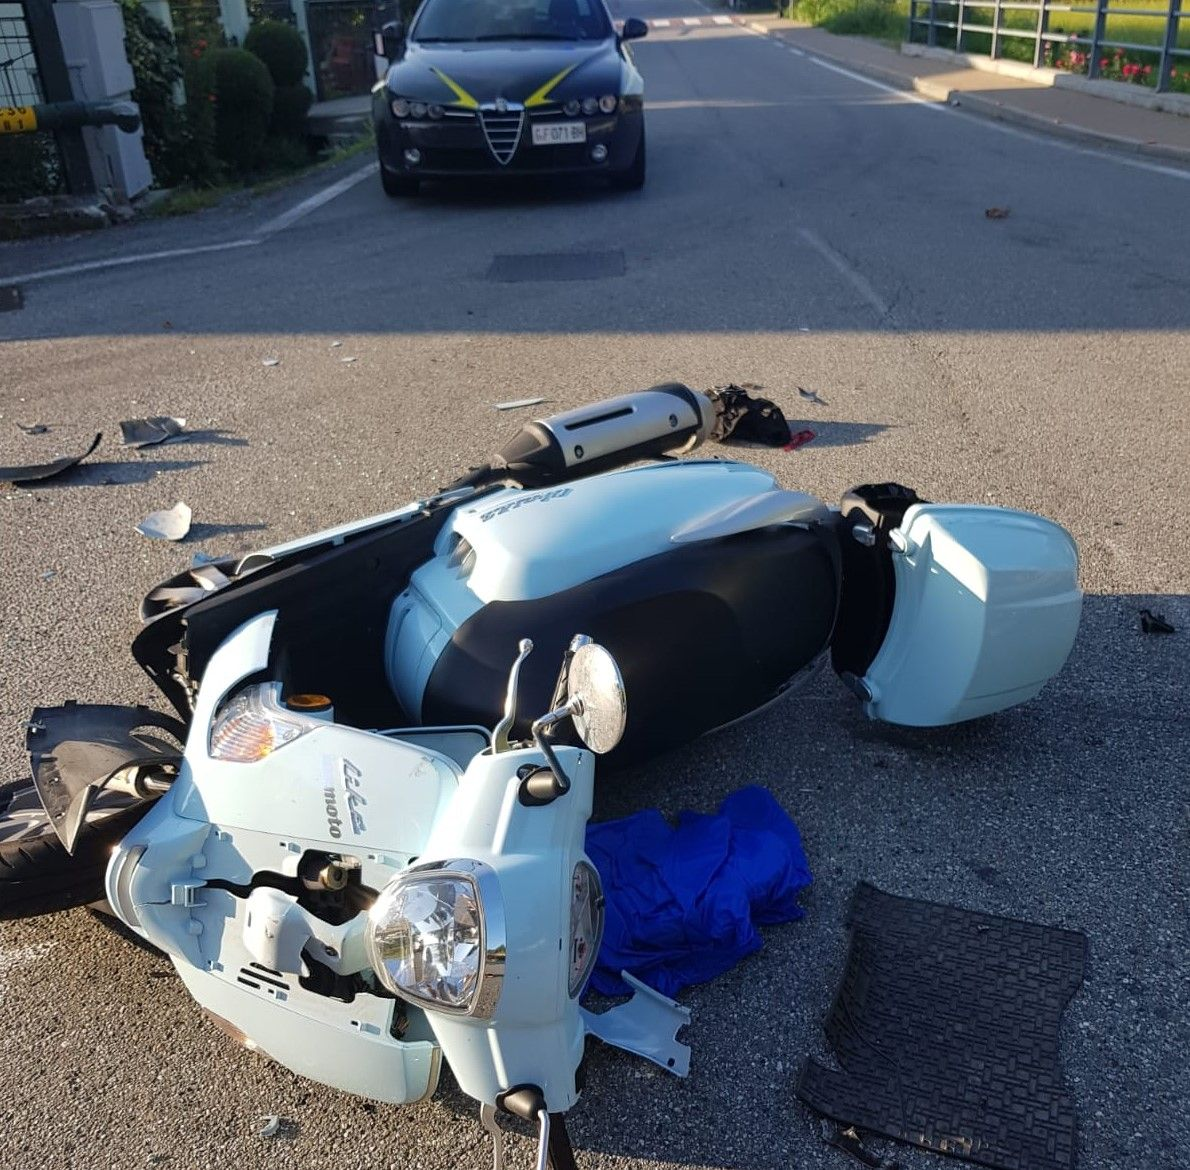 QUASSOLO - Brutto incidente stradale in via San Rocco: scooter contro auto, grave un uomo - FOTO